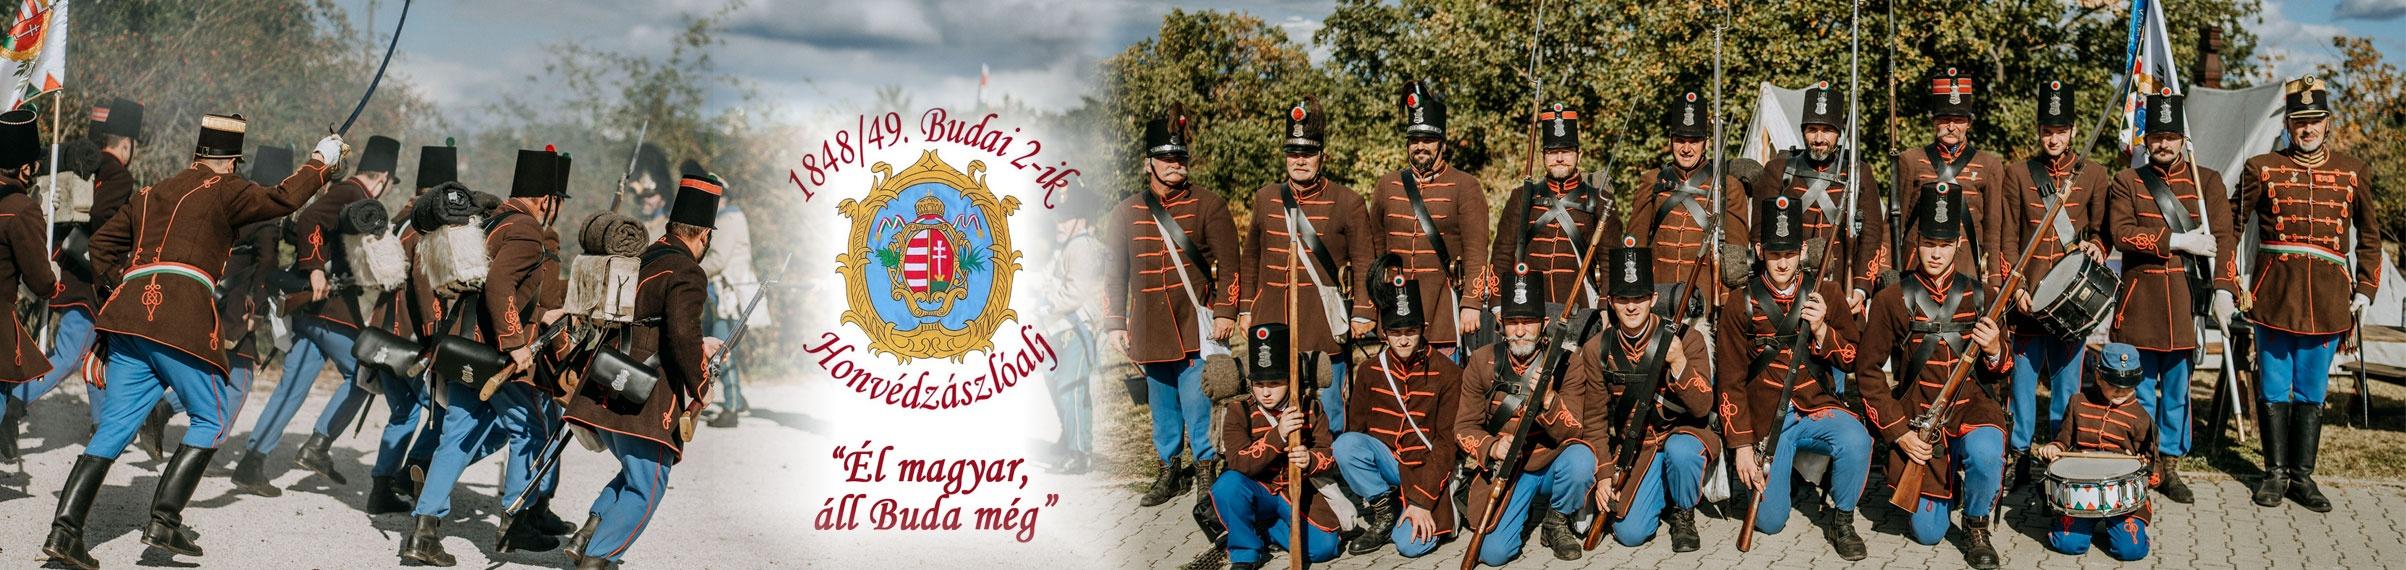 1848/49. Budai 2-ik Honvédzászlóalj és 1-ső Hatfontos üteg